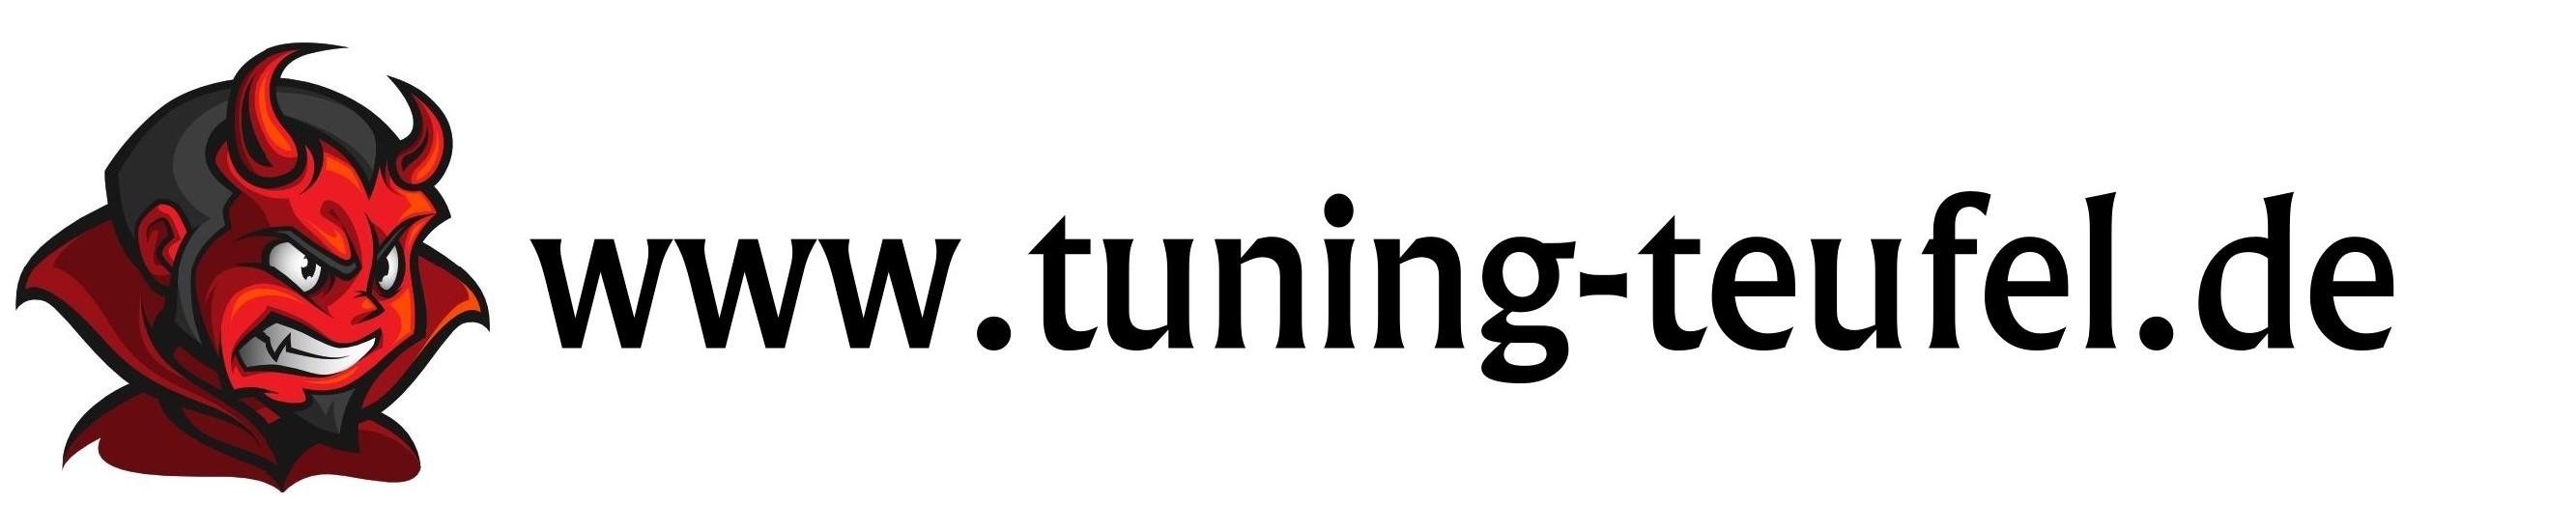 tuning-teufel.de